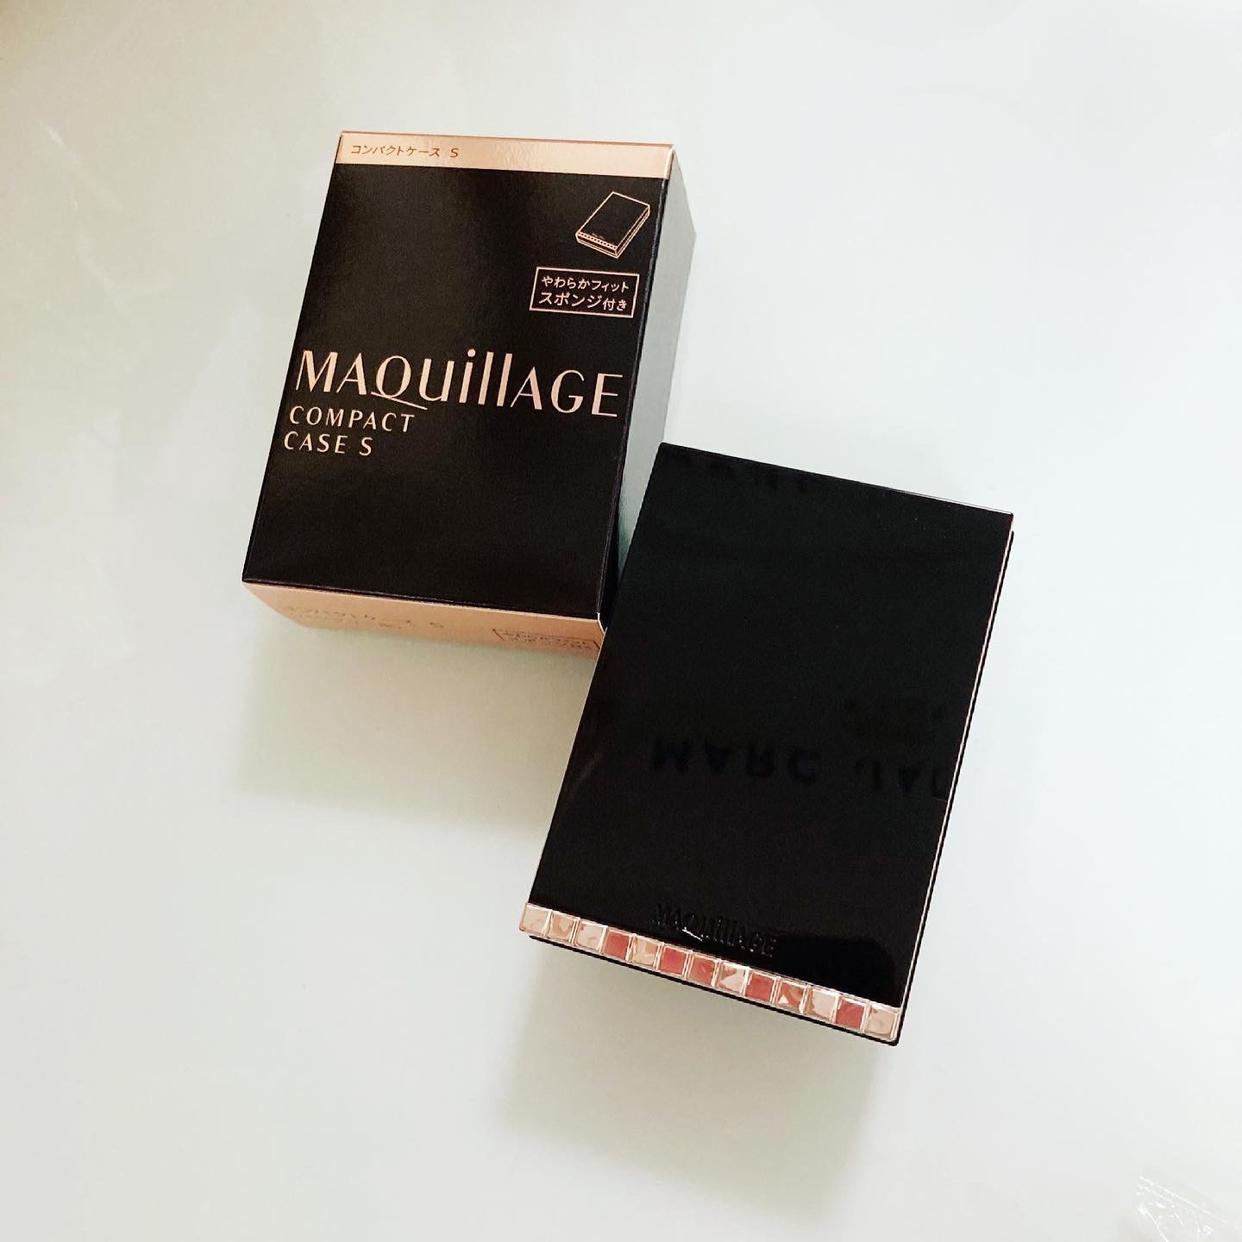 MAQuillAGE(マキアージュ) ドラマティックパウダリー EXを使ったmemiさんのクチコミ画像